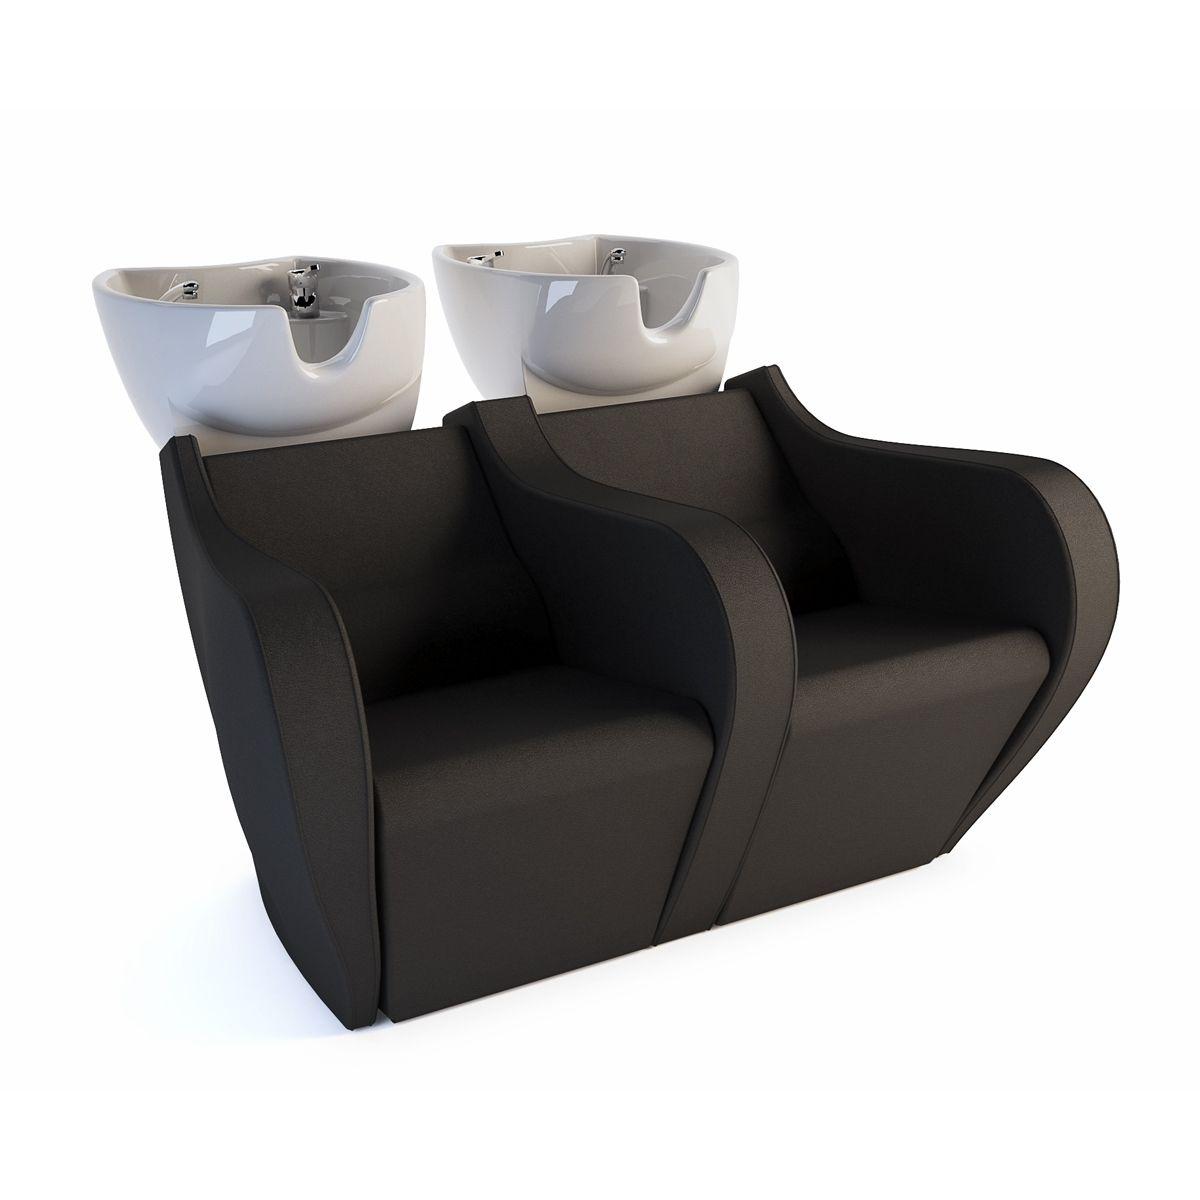 Celebrity Prime Electric Sofa 2P   Shampoo Bowls